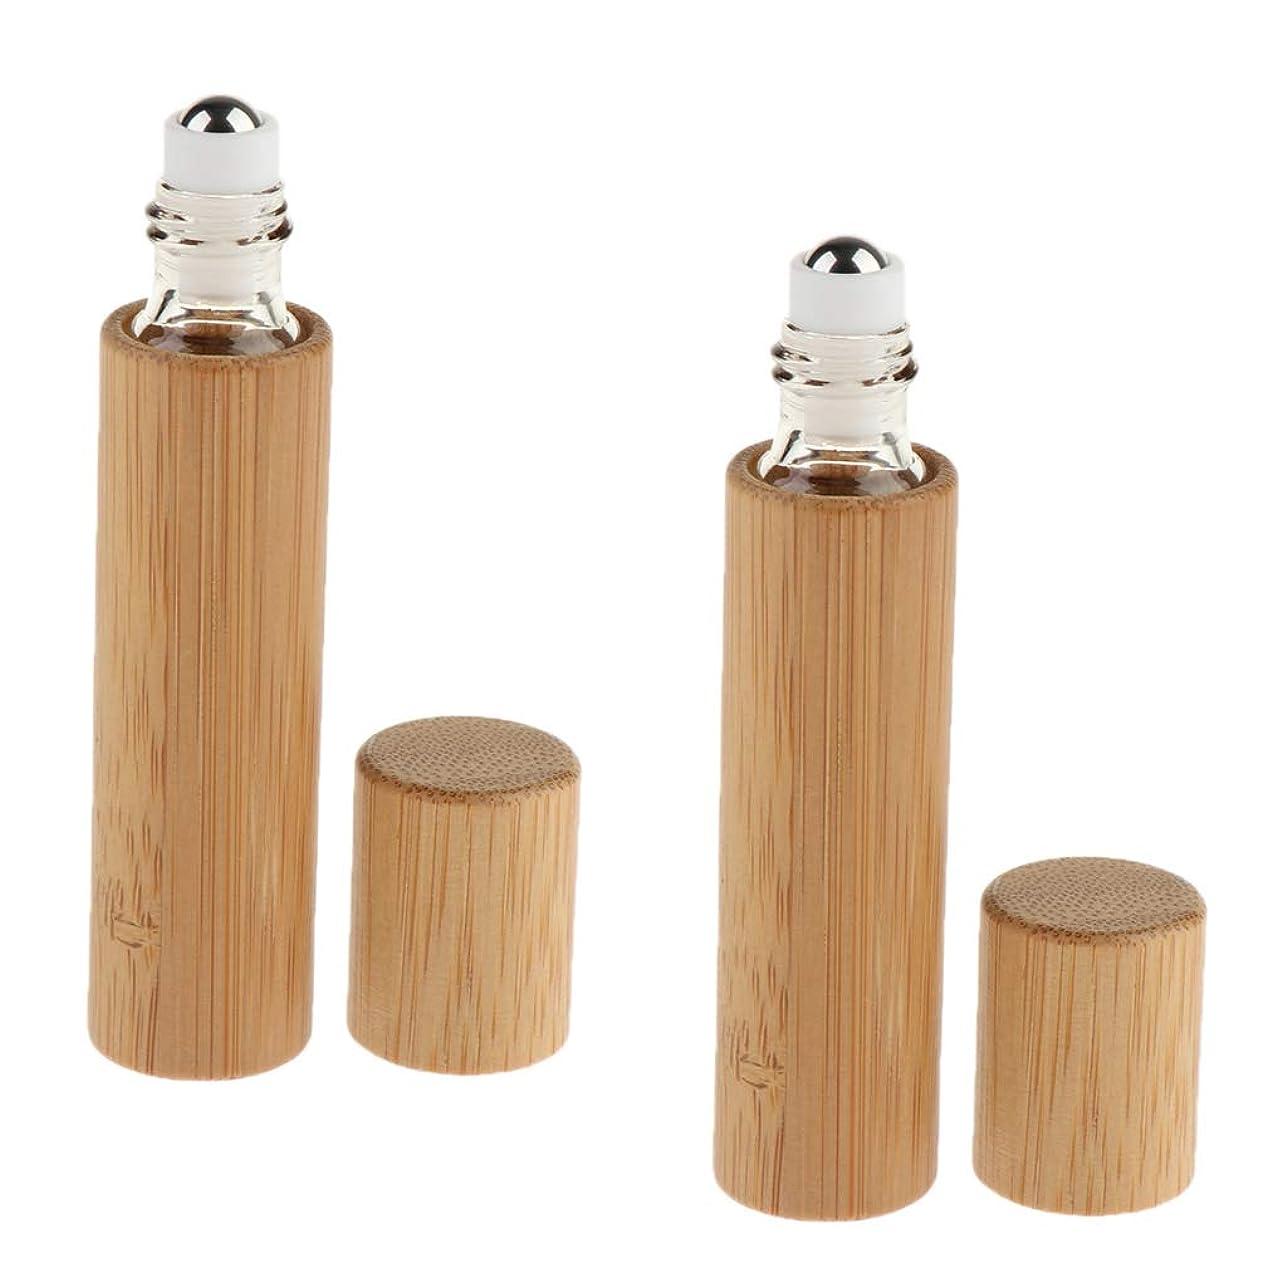 隣接ポイント概してFenteer ロールオンボトル 小分けボトル 詰め替え 精油瓶 香水ボトル 竹 空容器 携带便利 10ml 2個入